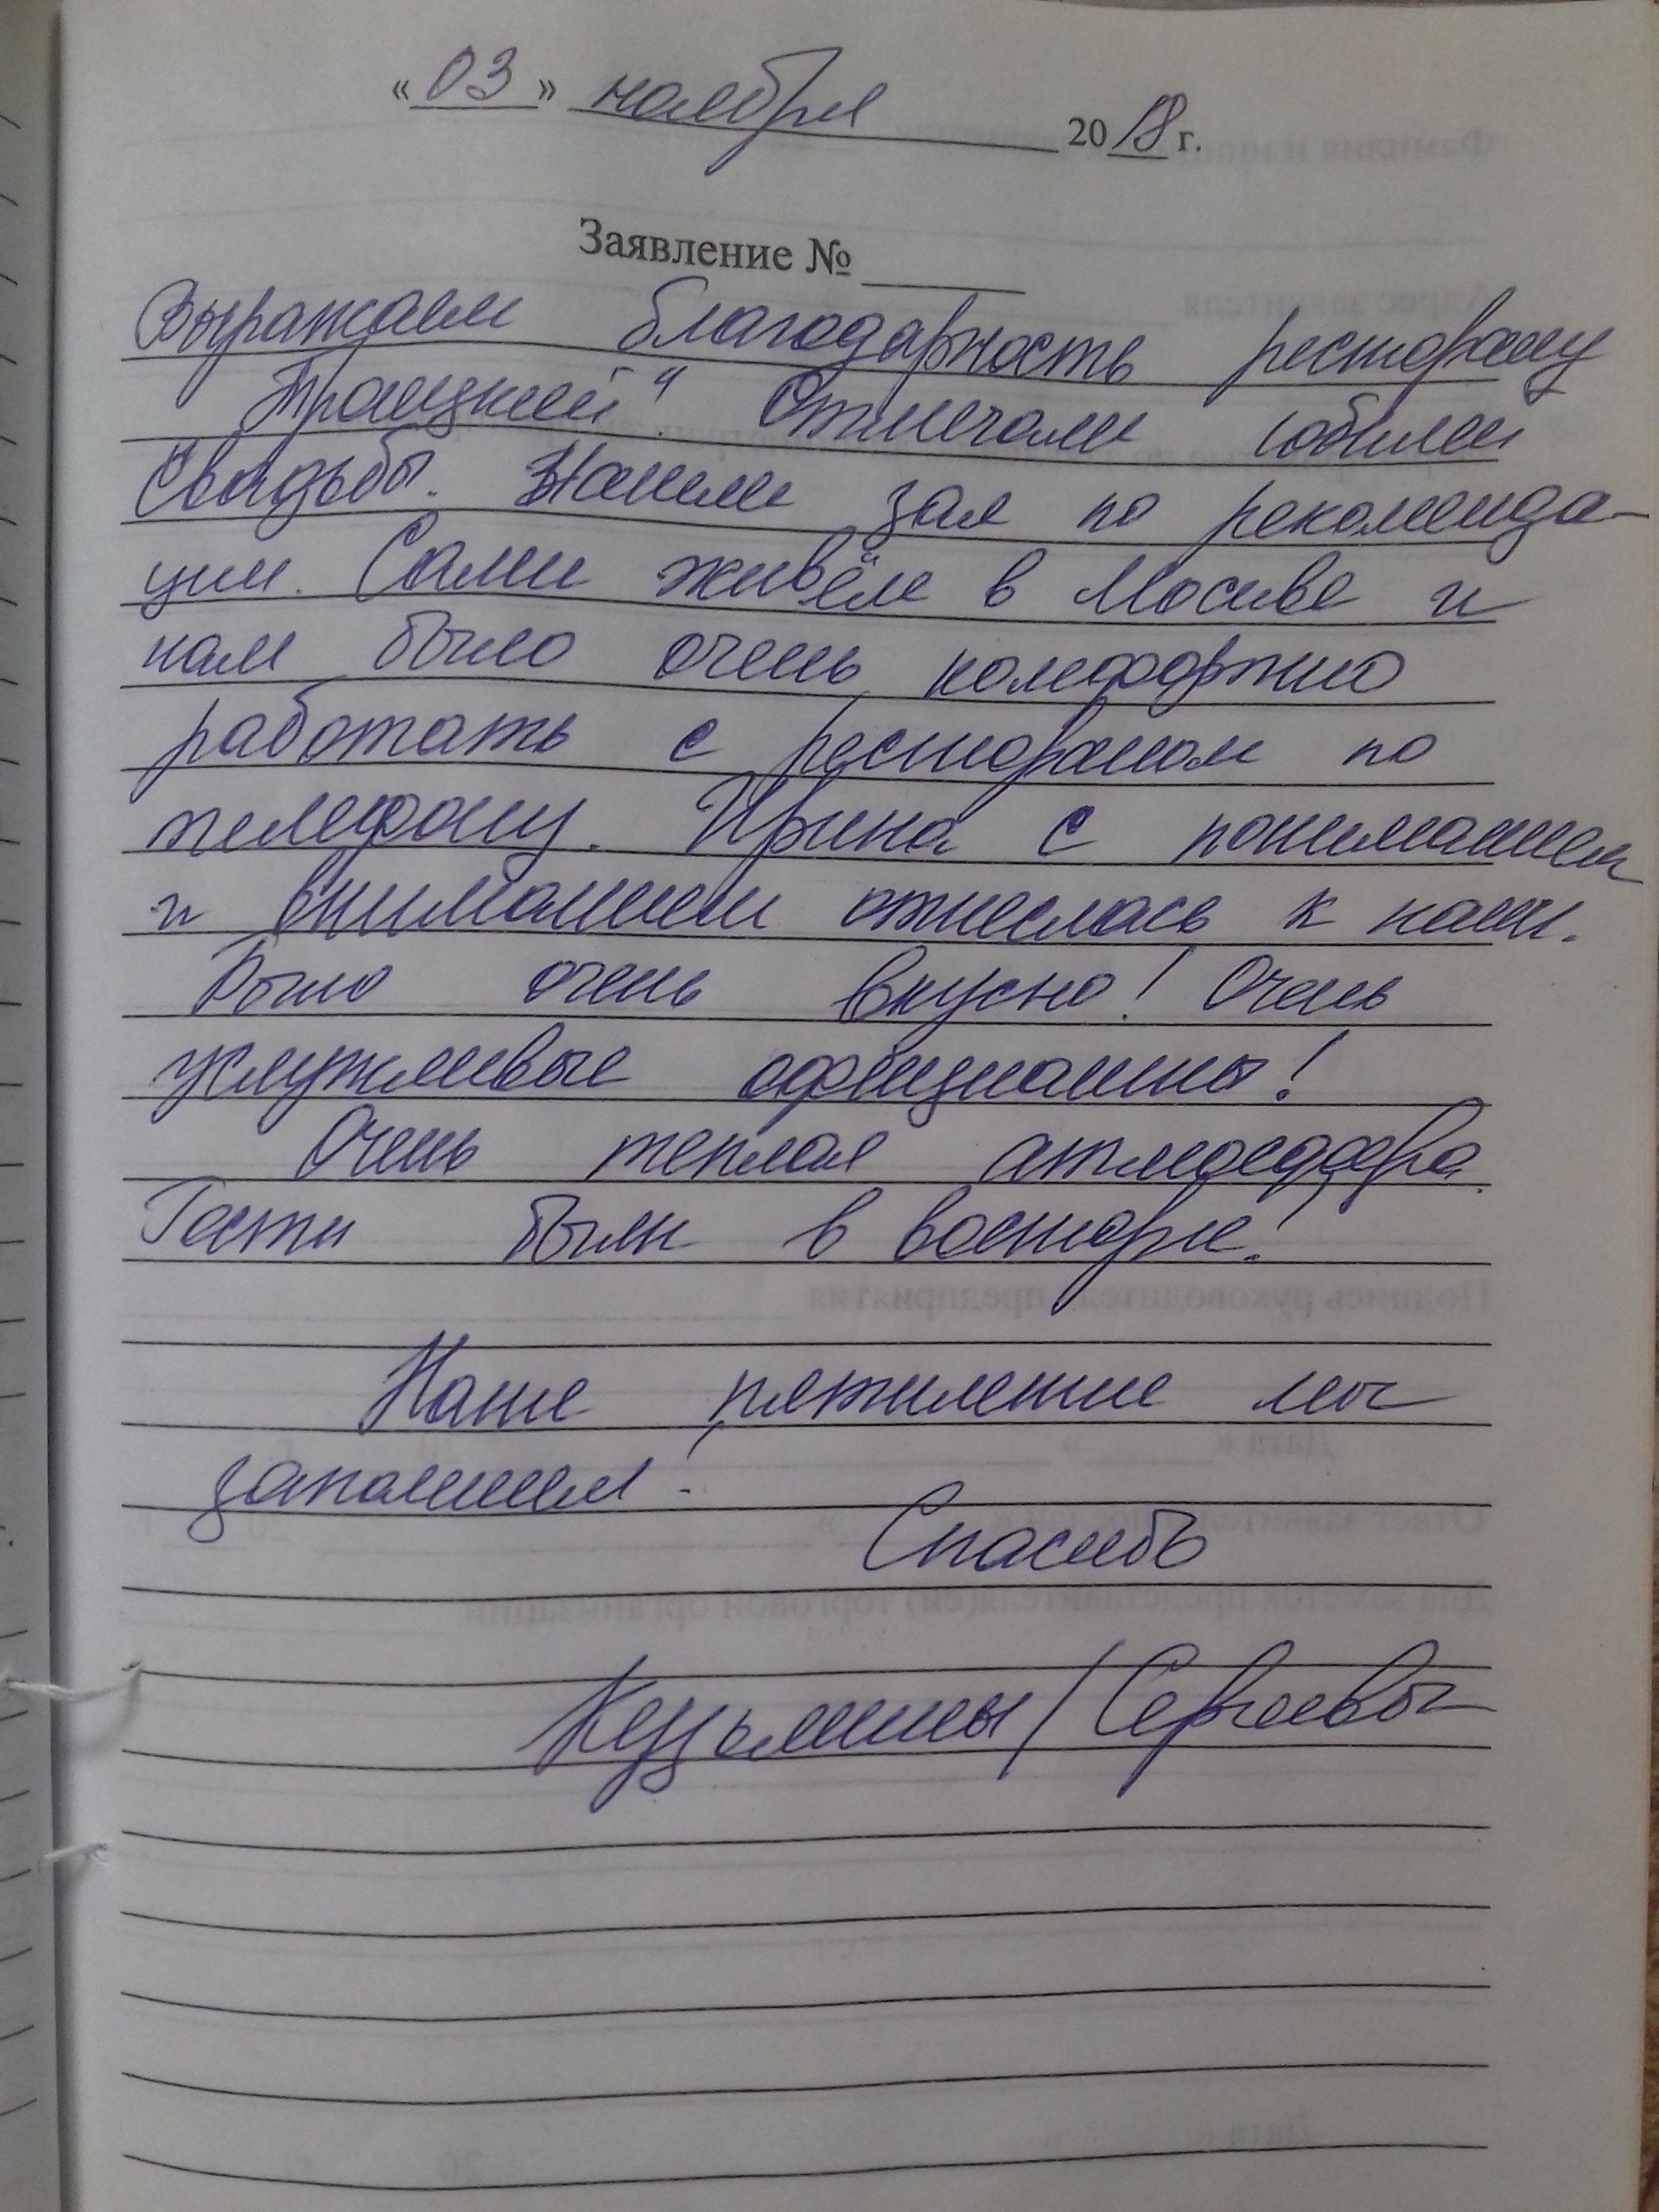 Кузьмины/сергеевы